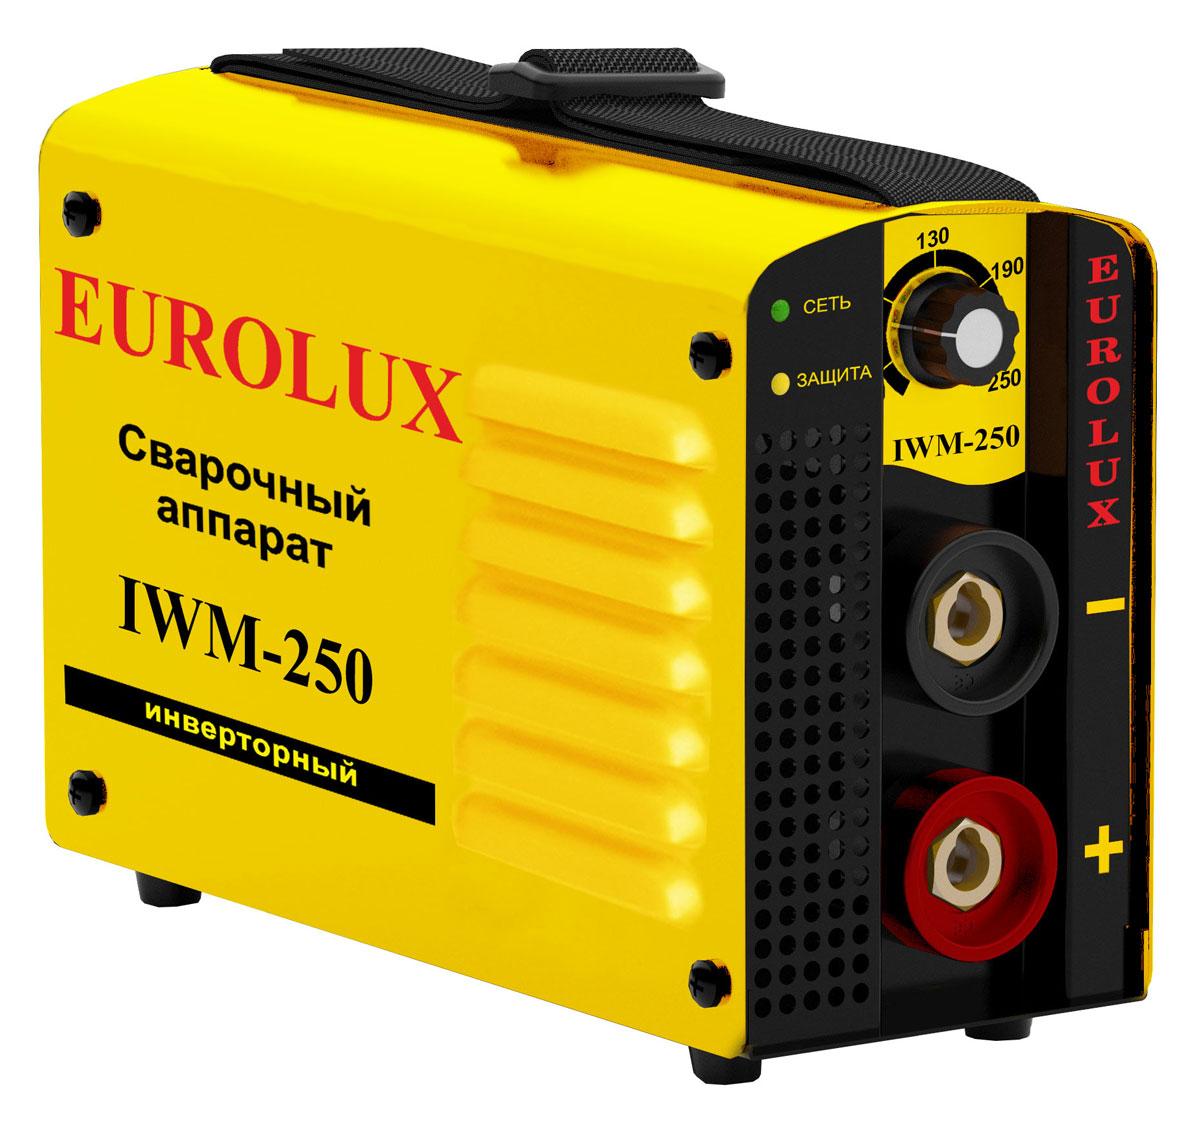 купить Eurolux IWM 250 инверторный сварочный аппарат недорого